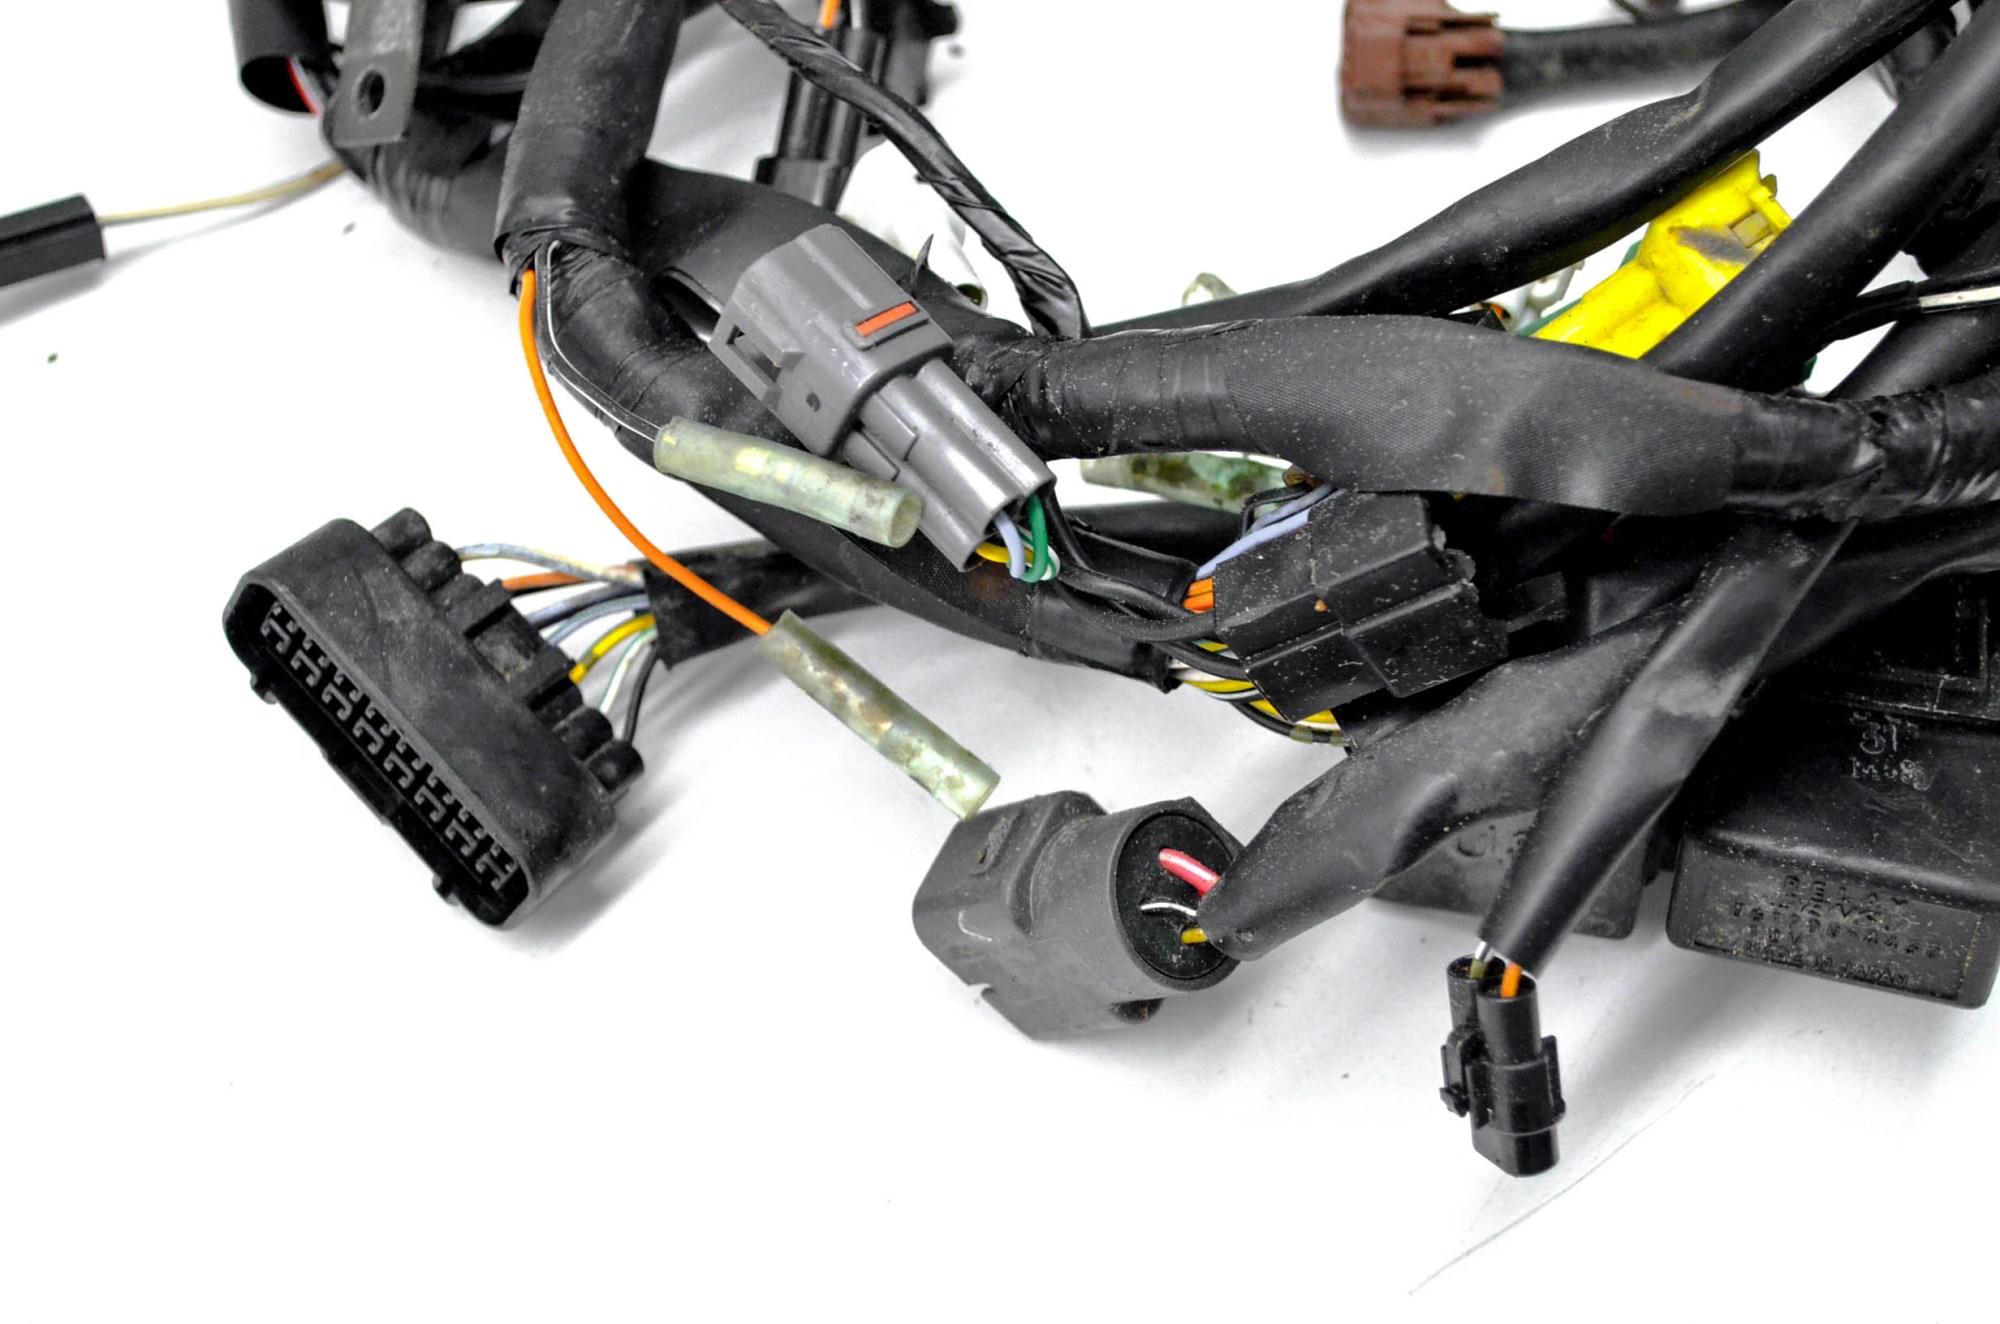 hight resolution of suzuki 2x4 eiger wiring harness diagram components electrical circuit suzuki eiger wiring harness 2x4